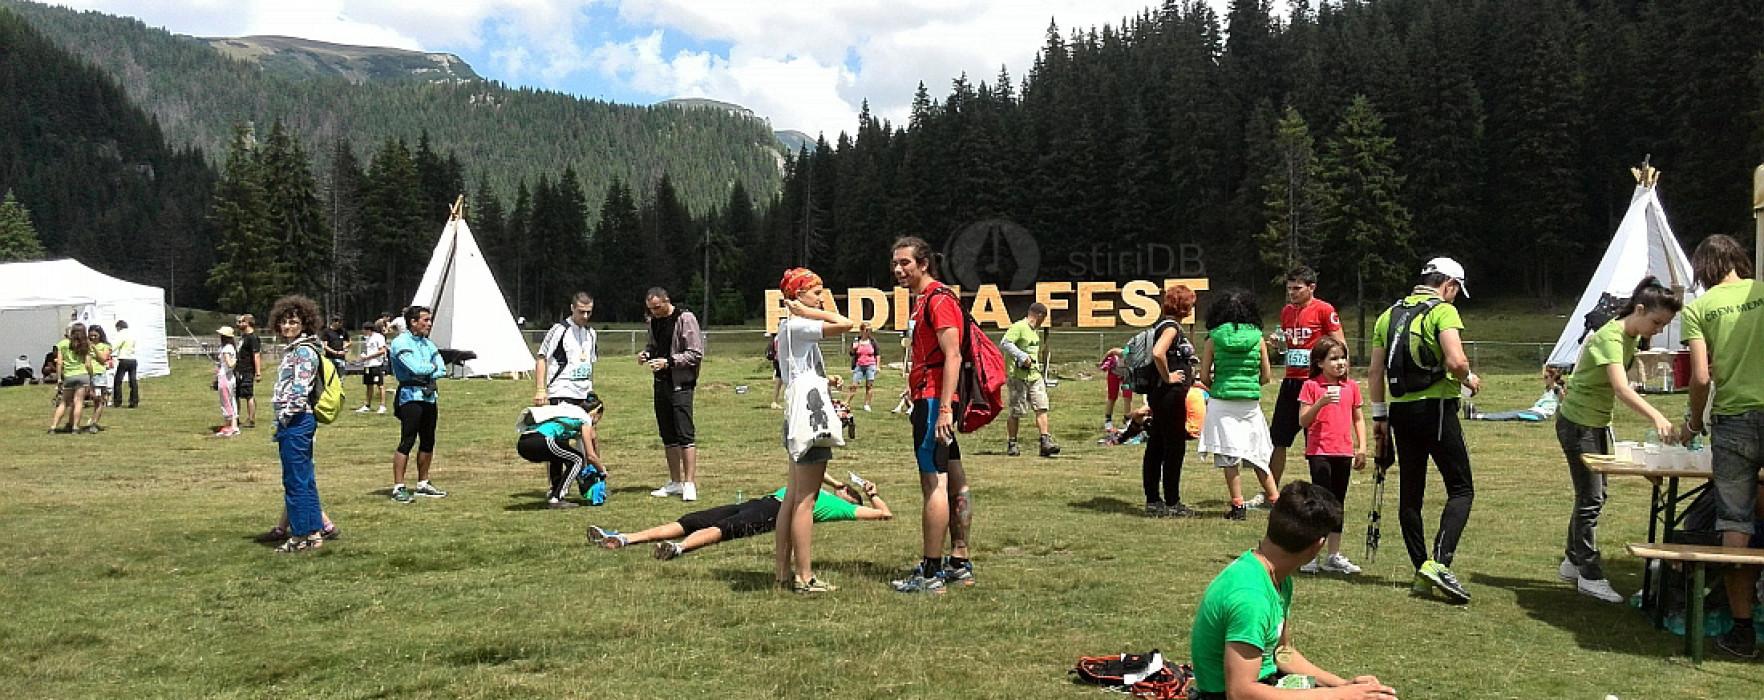 Padina Fest, în perioada 23-26 iulie, pe Platoul Munţilor Bucegi